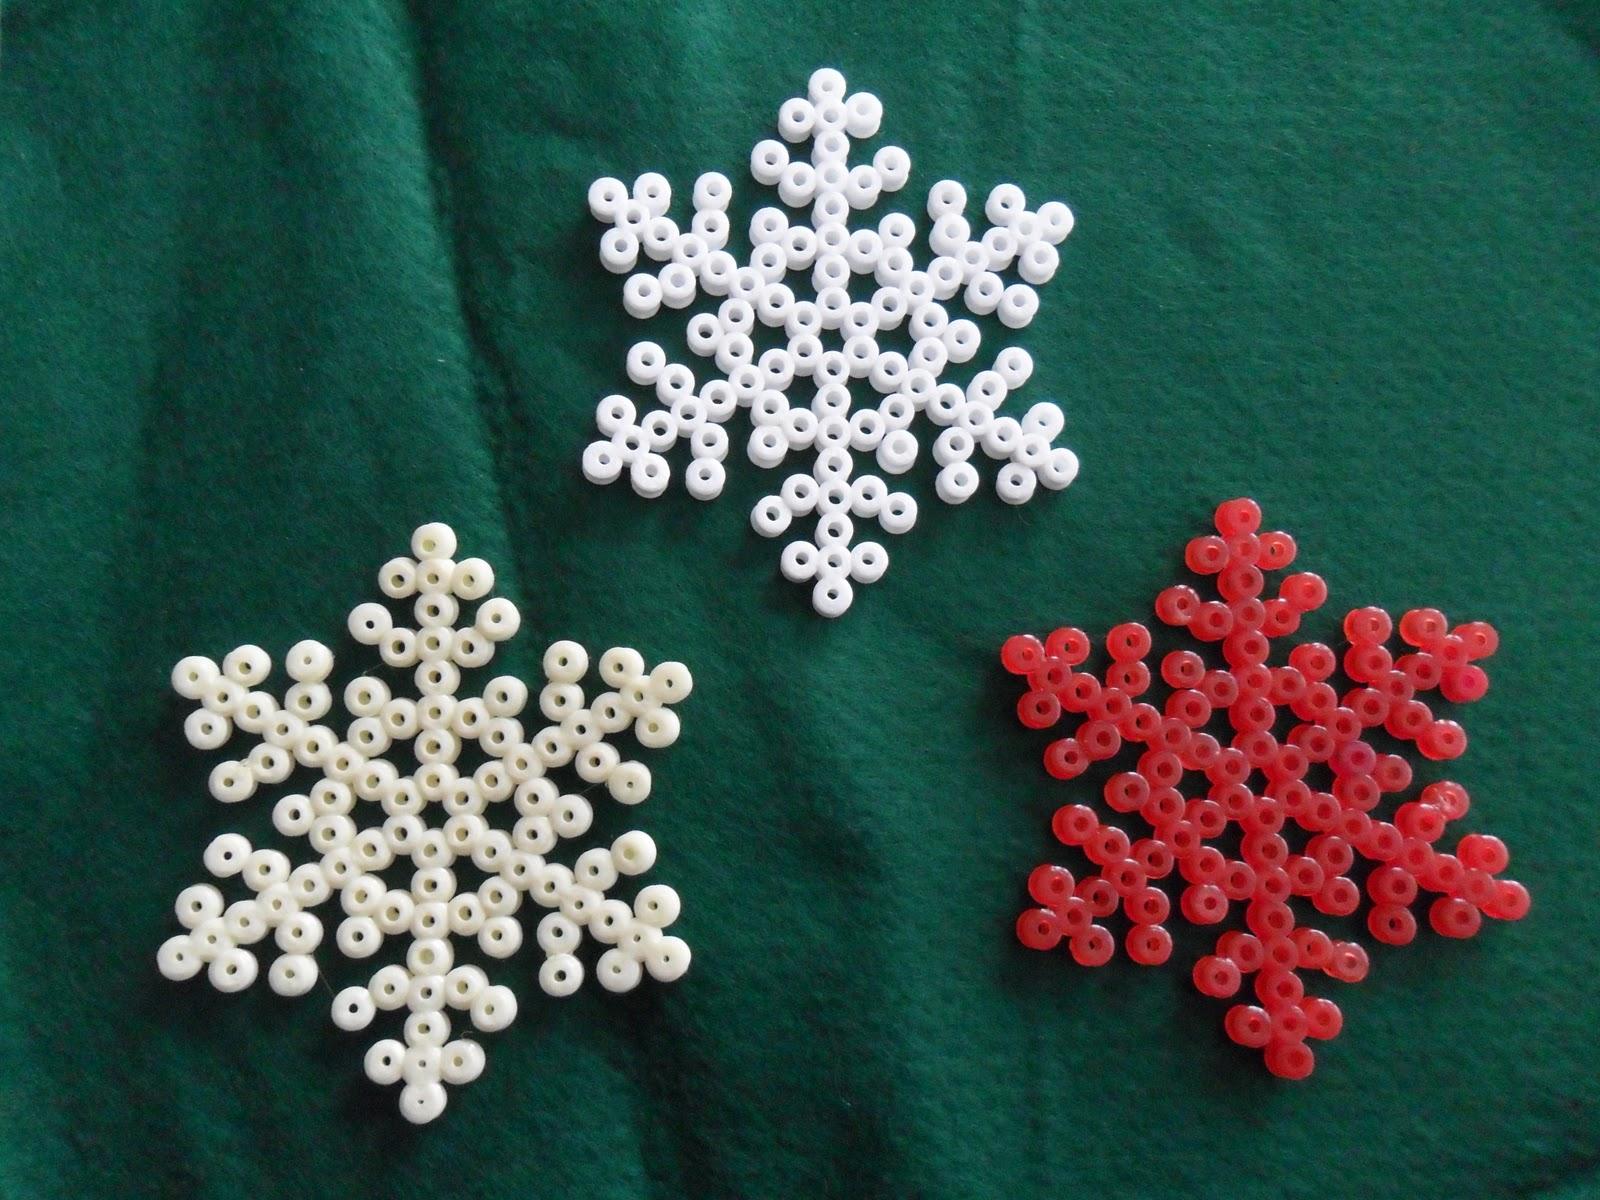 Flores de celof n estrellas de nieve for Estrella de nieve